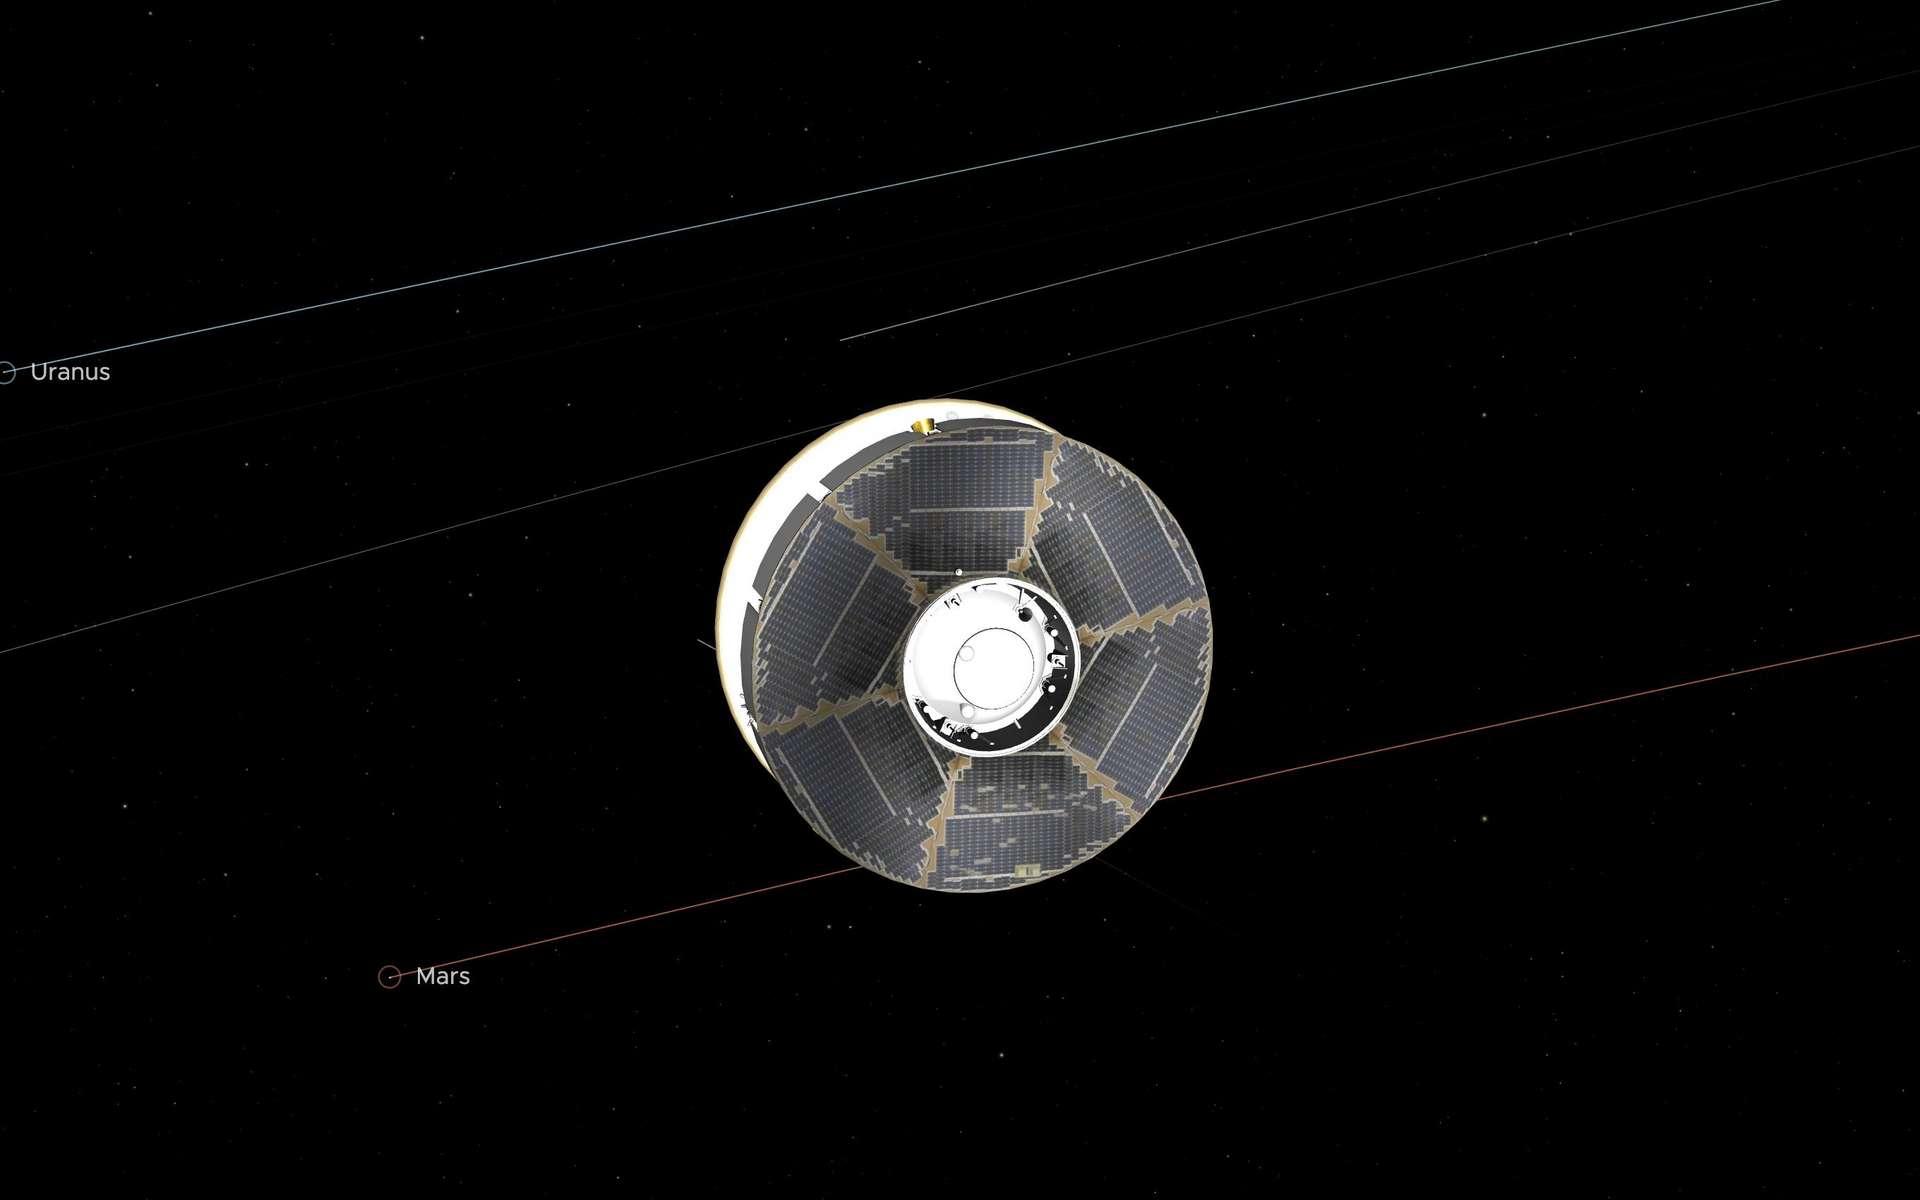 Le vaisseau Mars 2020 était à mi-chemin ce mardi 27 octobre, à 21 h 40 exactement, heure de Paris. © Nasa, JPL-Caltech